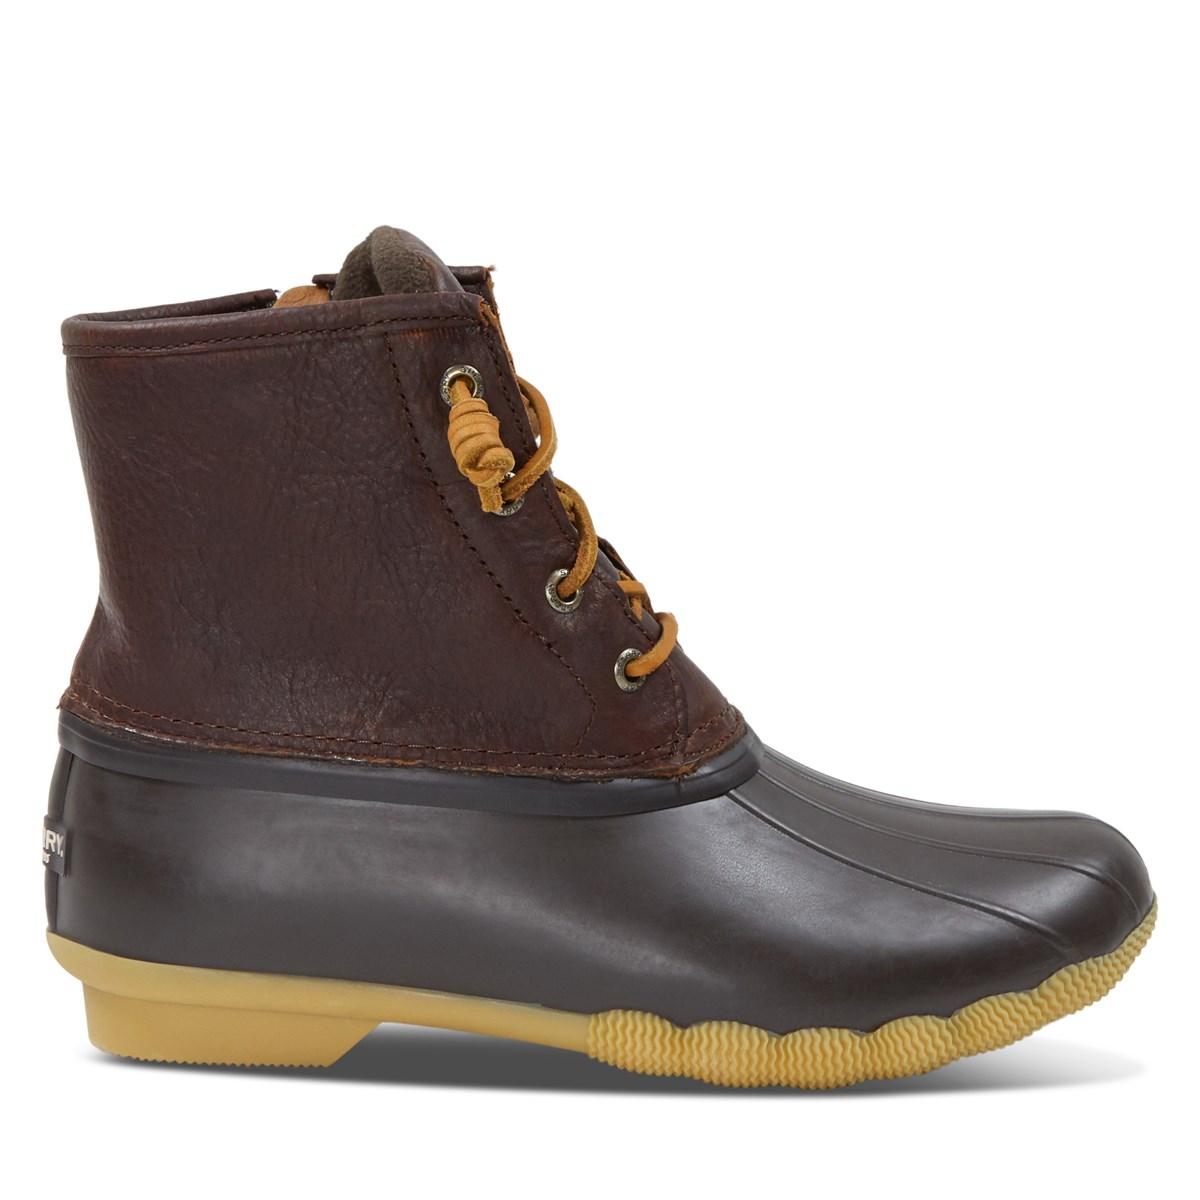 Women's Saltwater Duck Boots in Brown